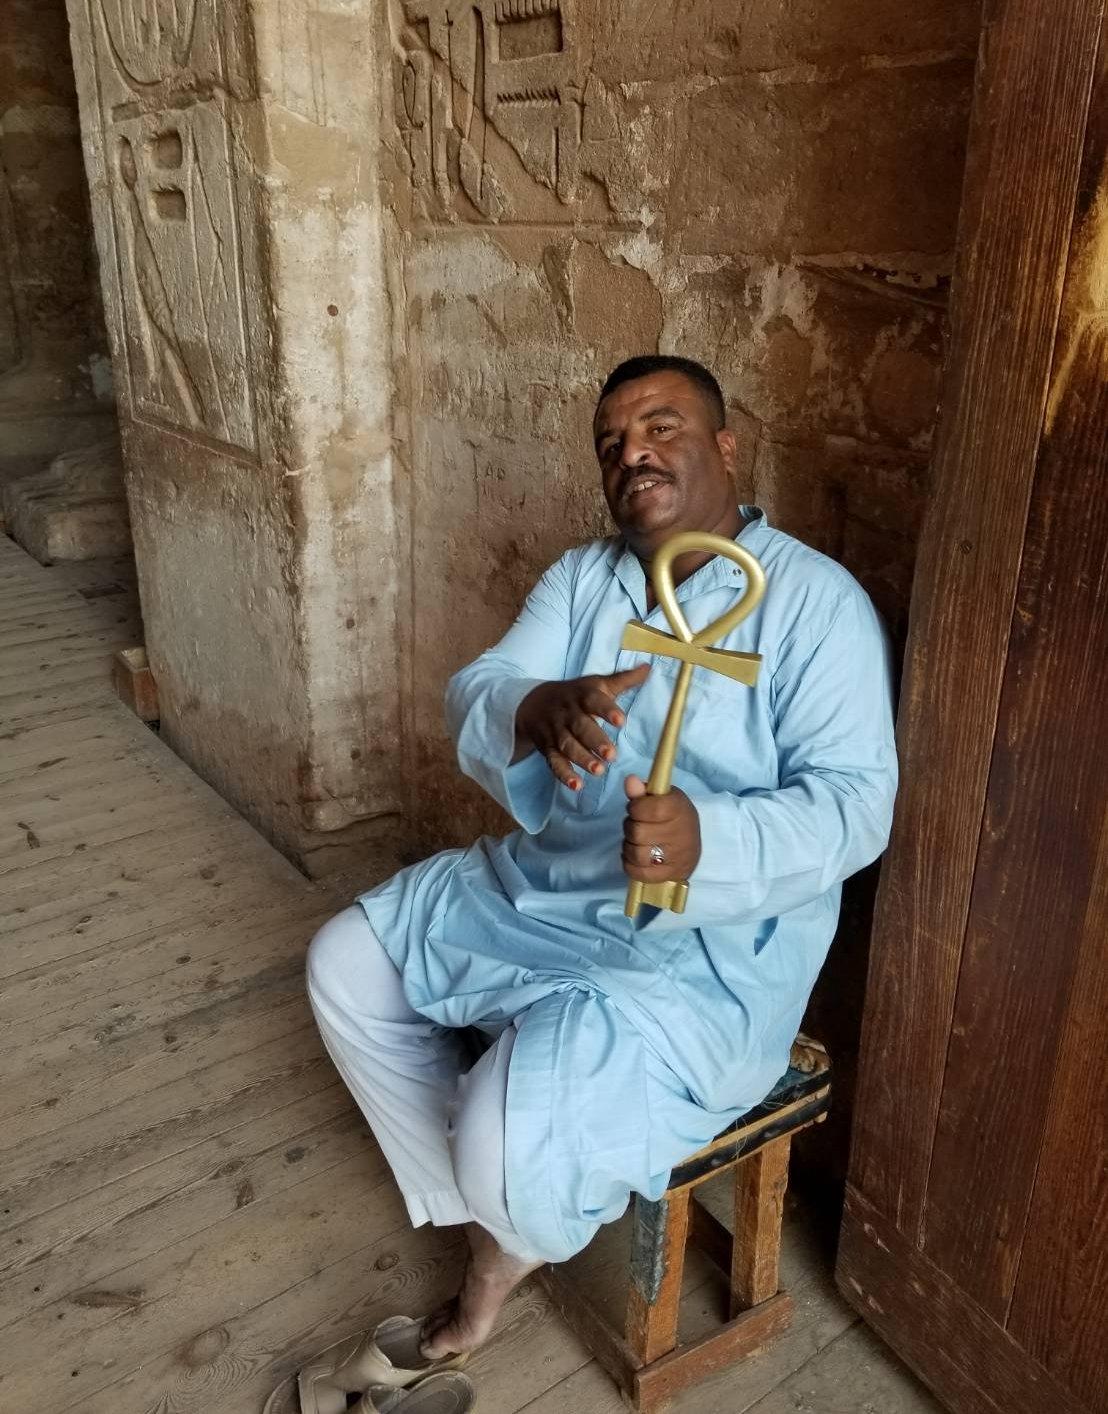 エジプト旅行 ブログ 口コミ アブシンベル神殿